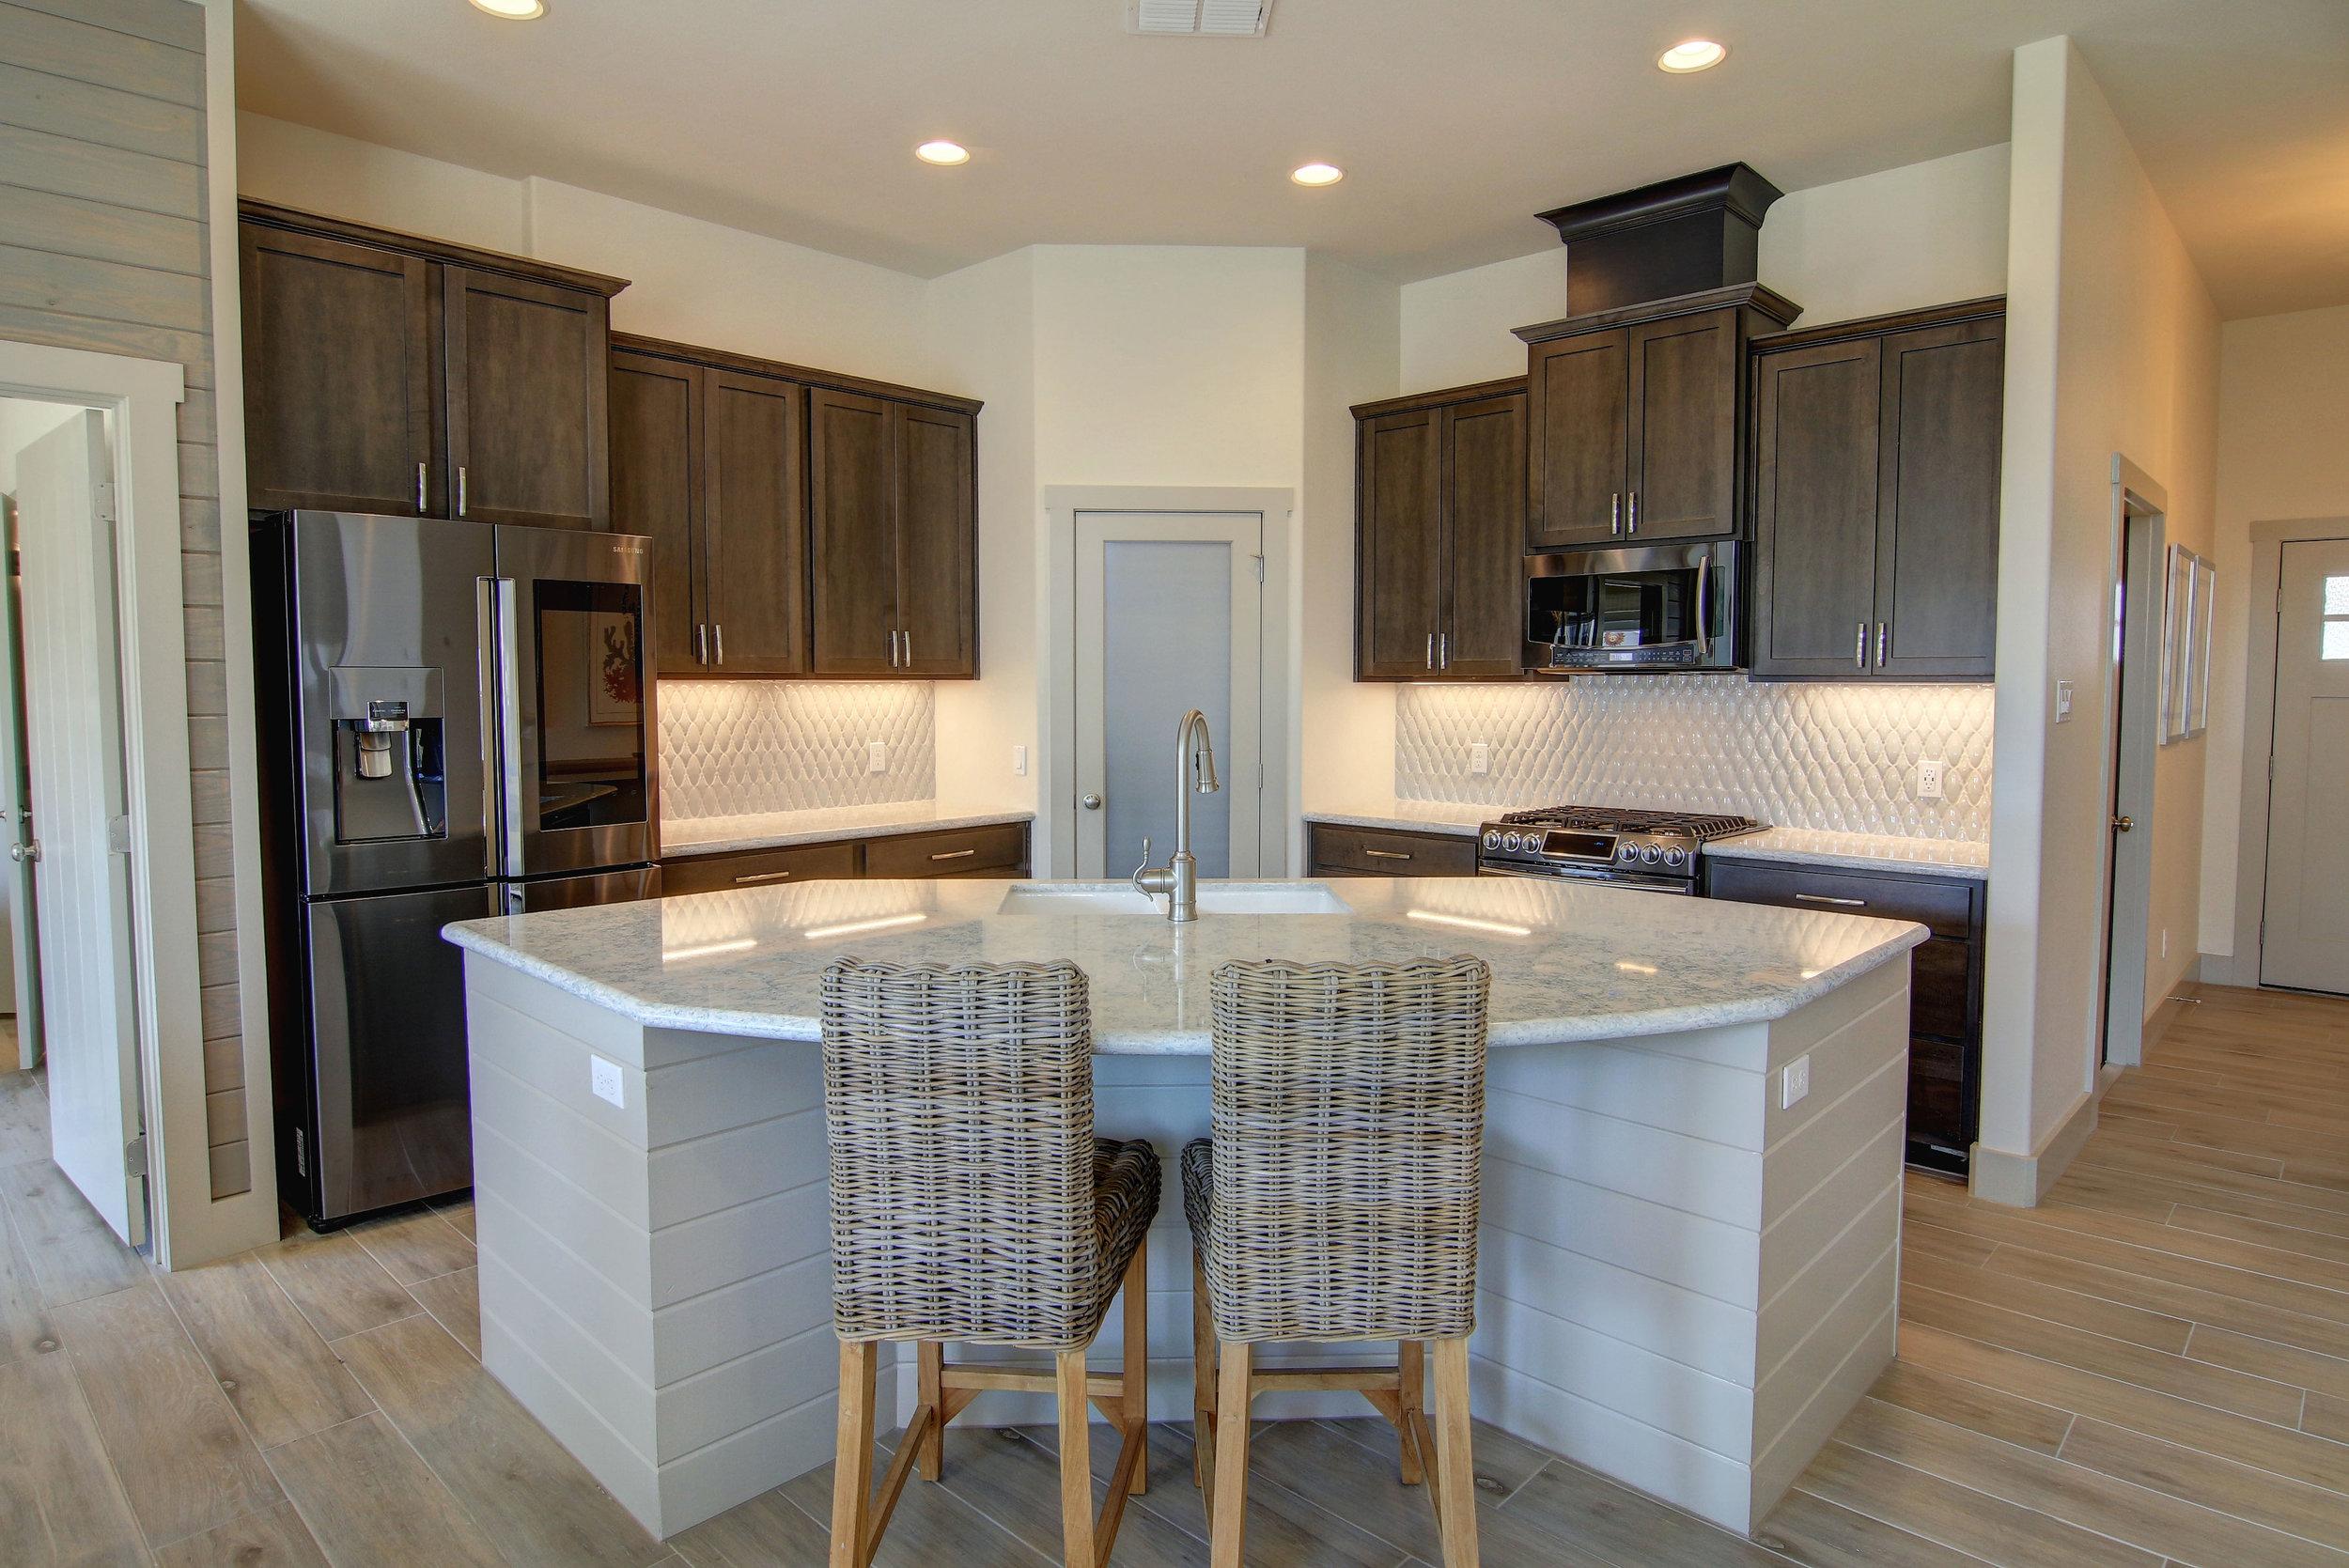 Kitchen-(6).jpg